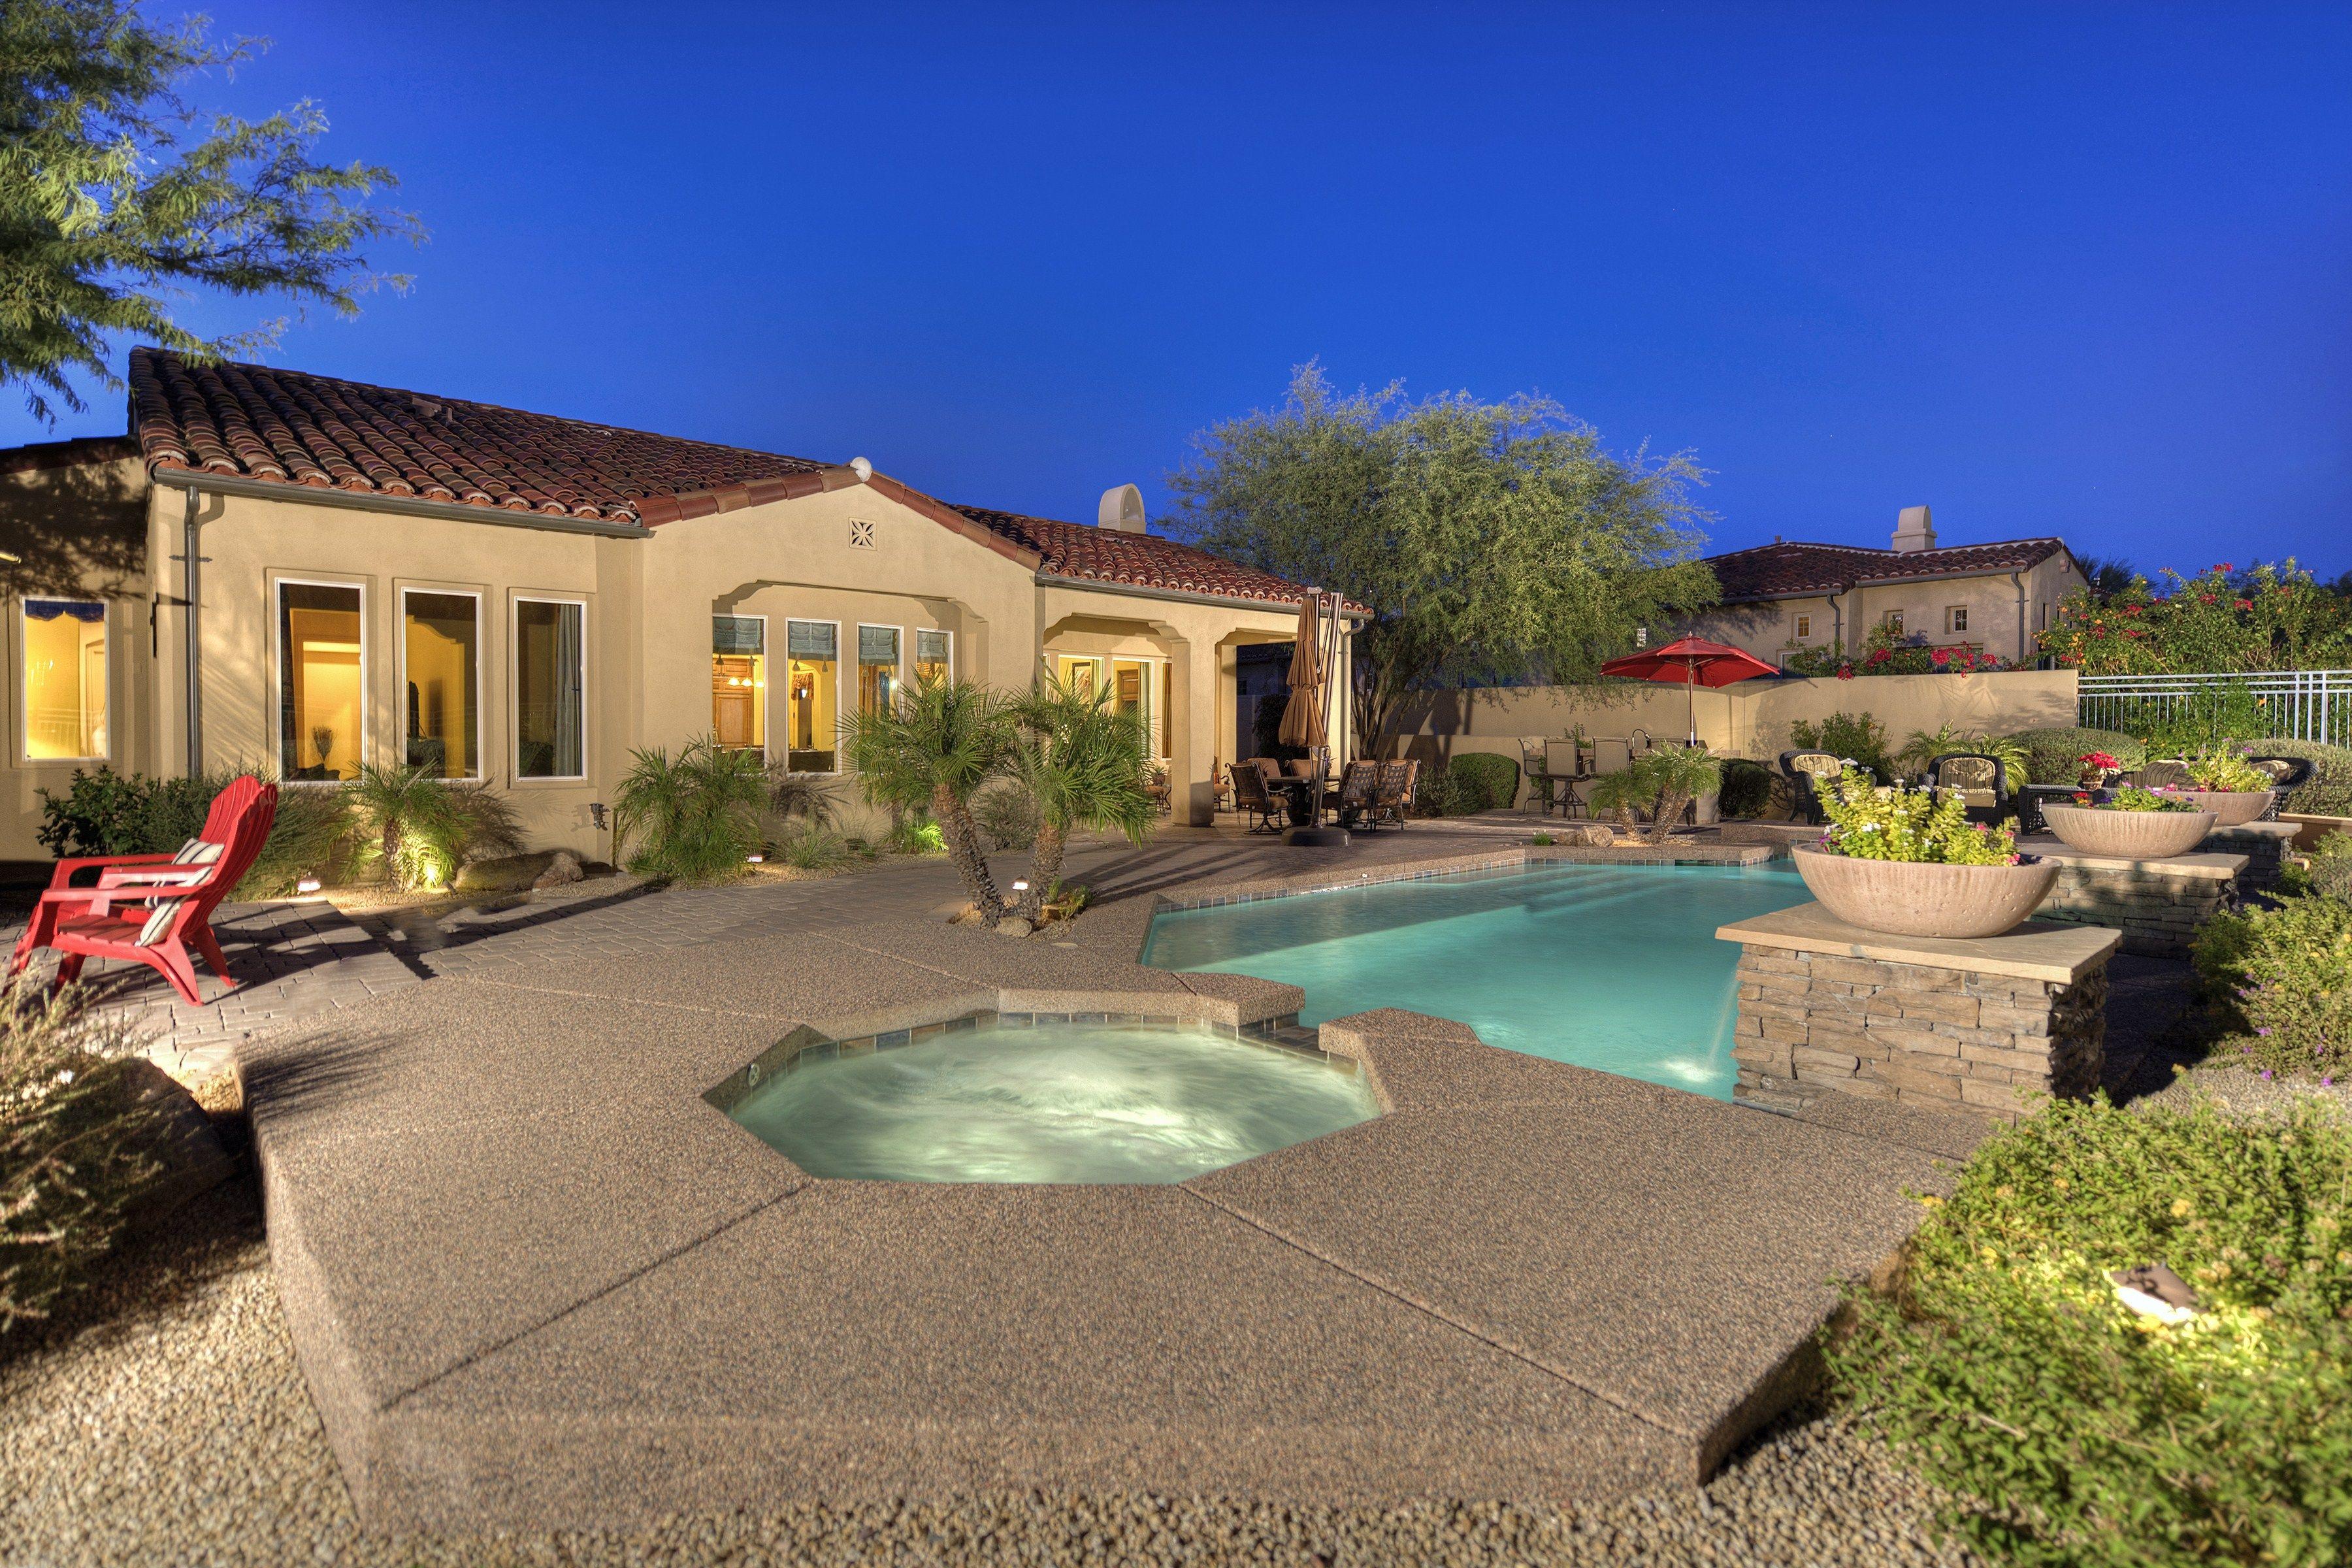 Pool And Spa Grayhawk Scottsdale Arizona Backyard Pool Landscaping Backyard Pool Scottsdale